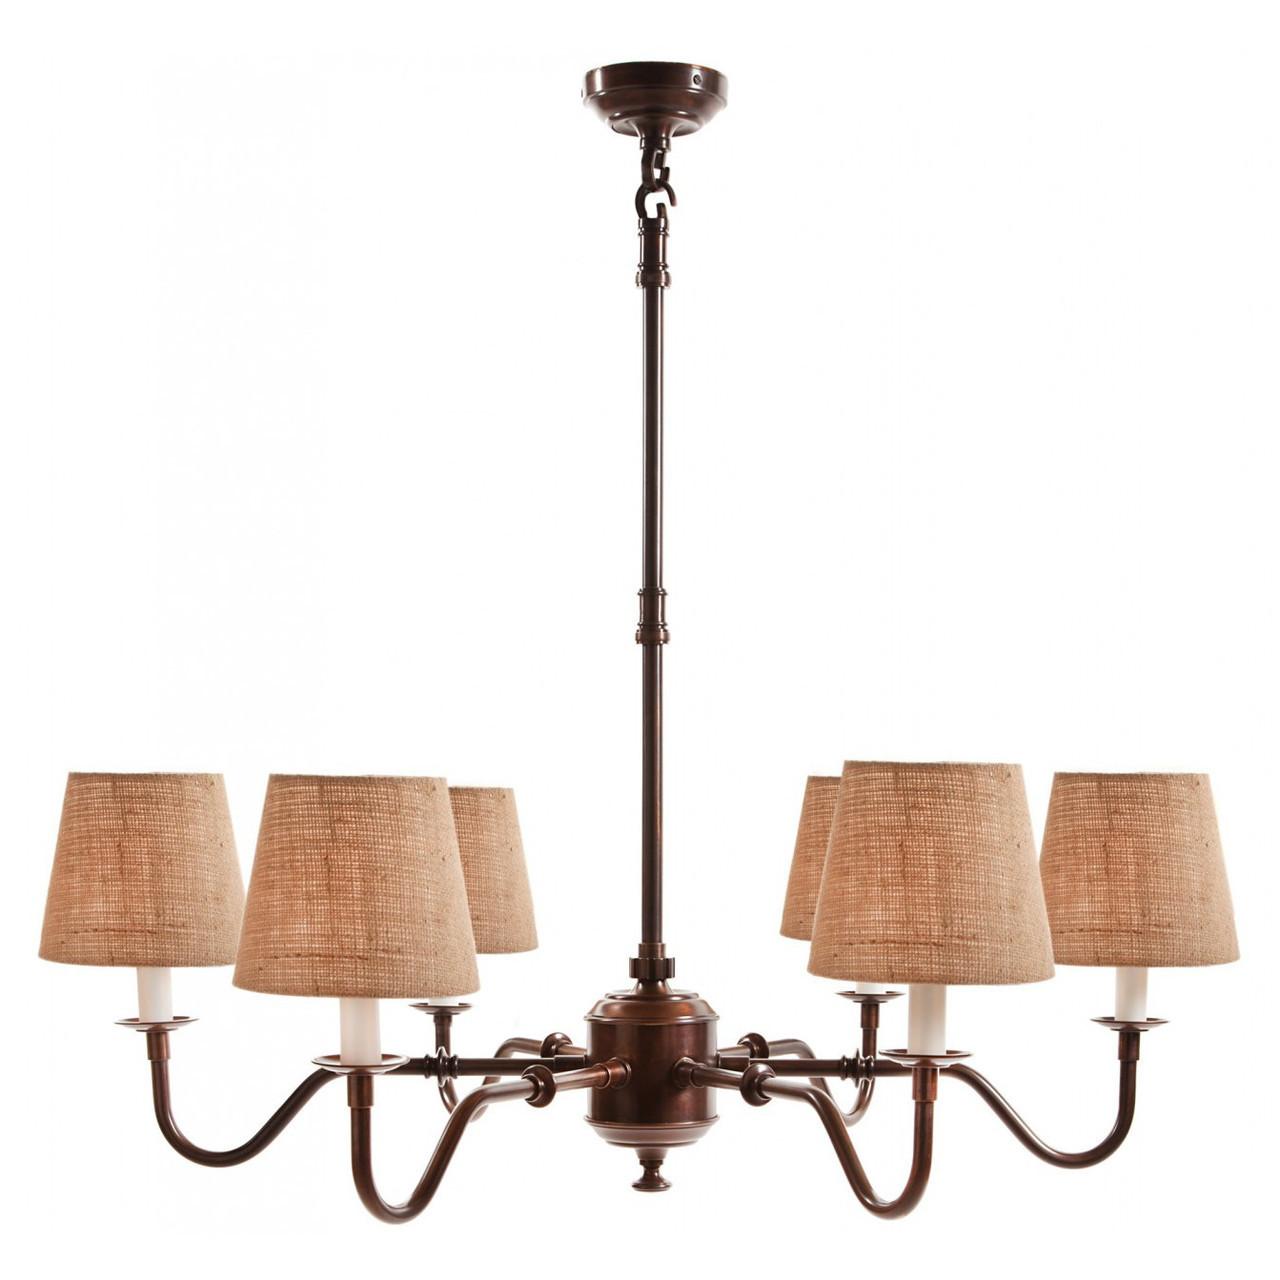 Prescot 6 arm antique copper chandelier zest lighting prescot 6 arm antique copper chandelier loading zoom aloadofball Gallery